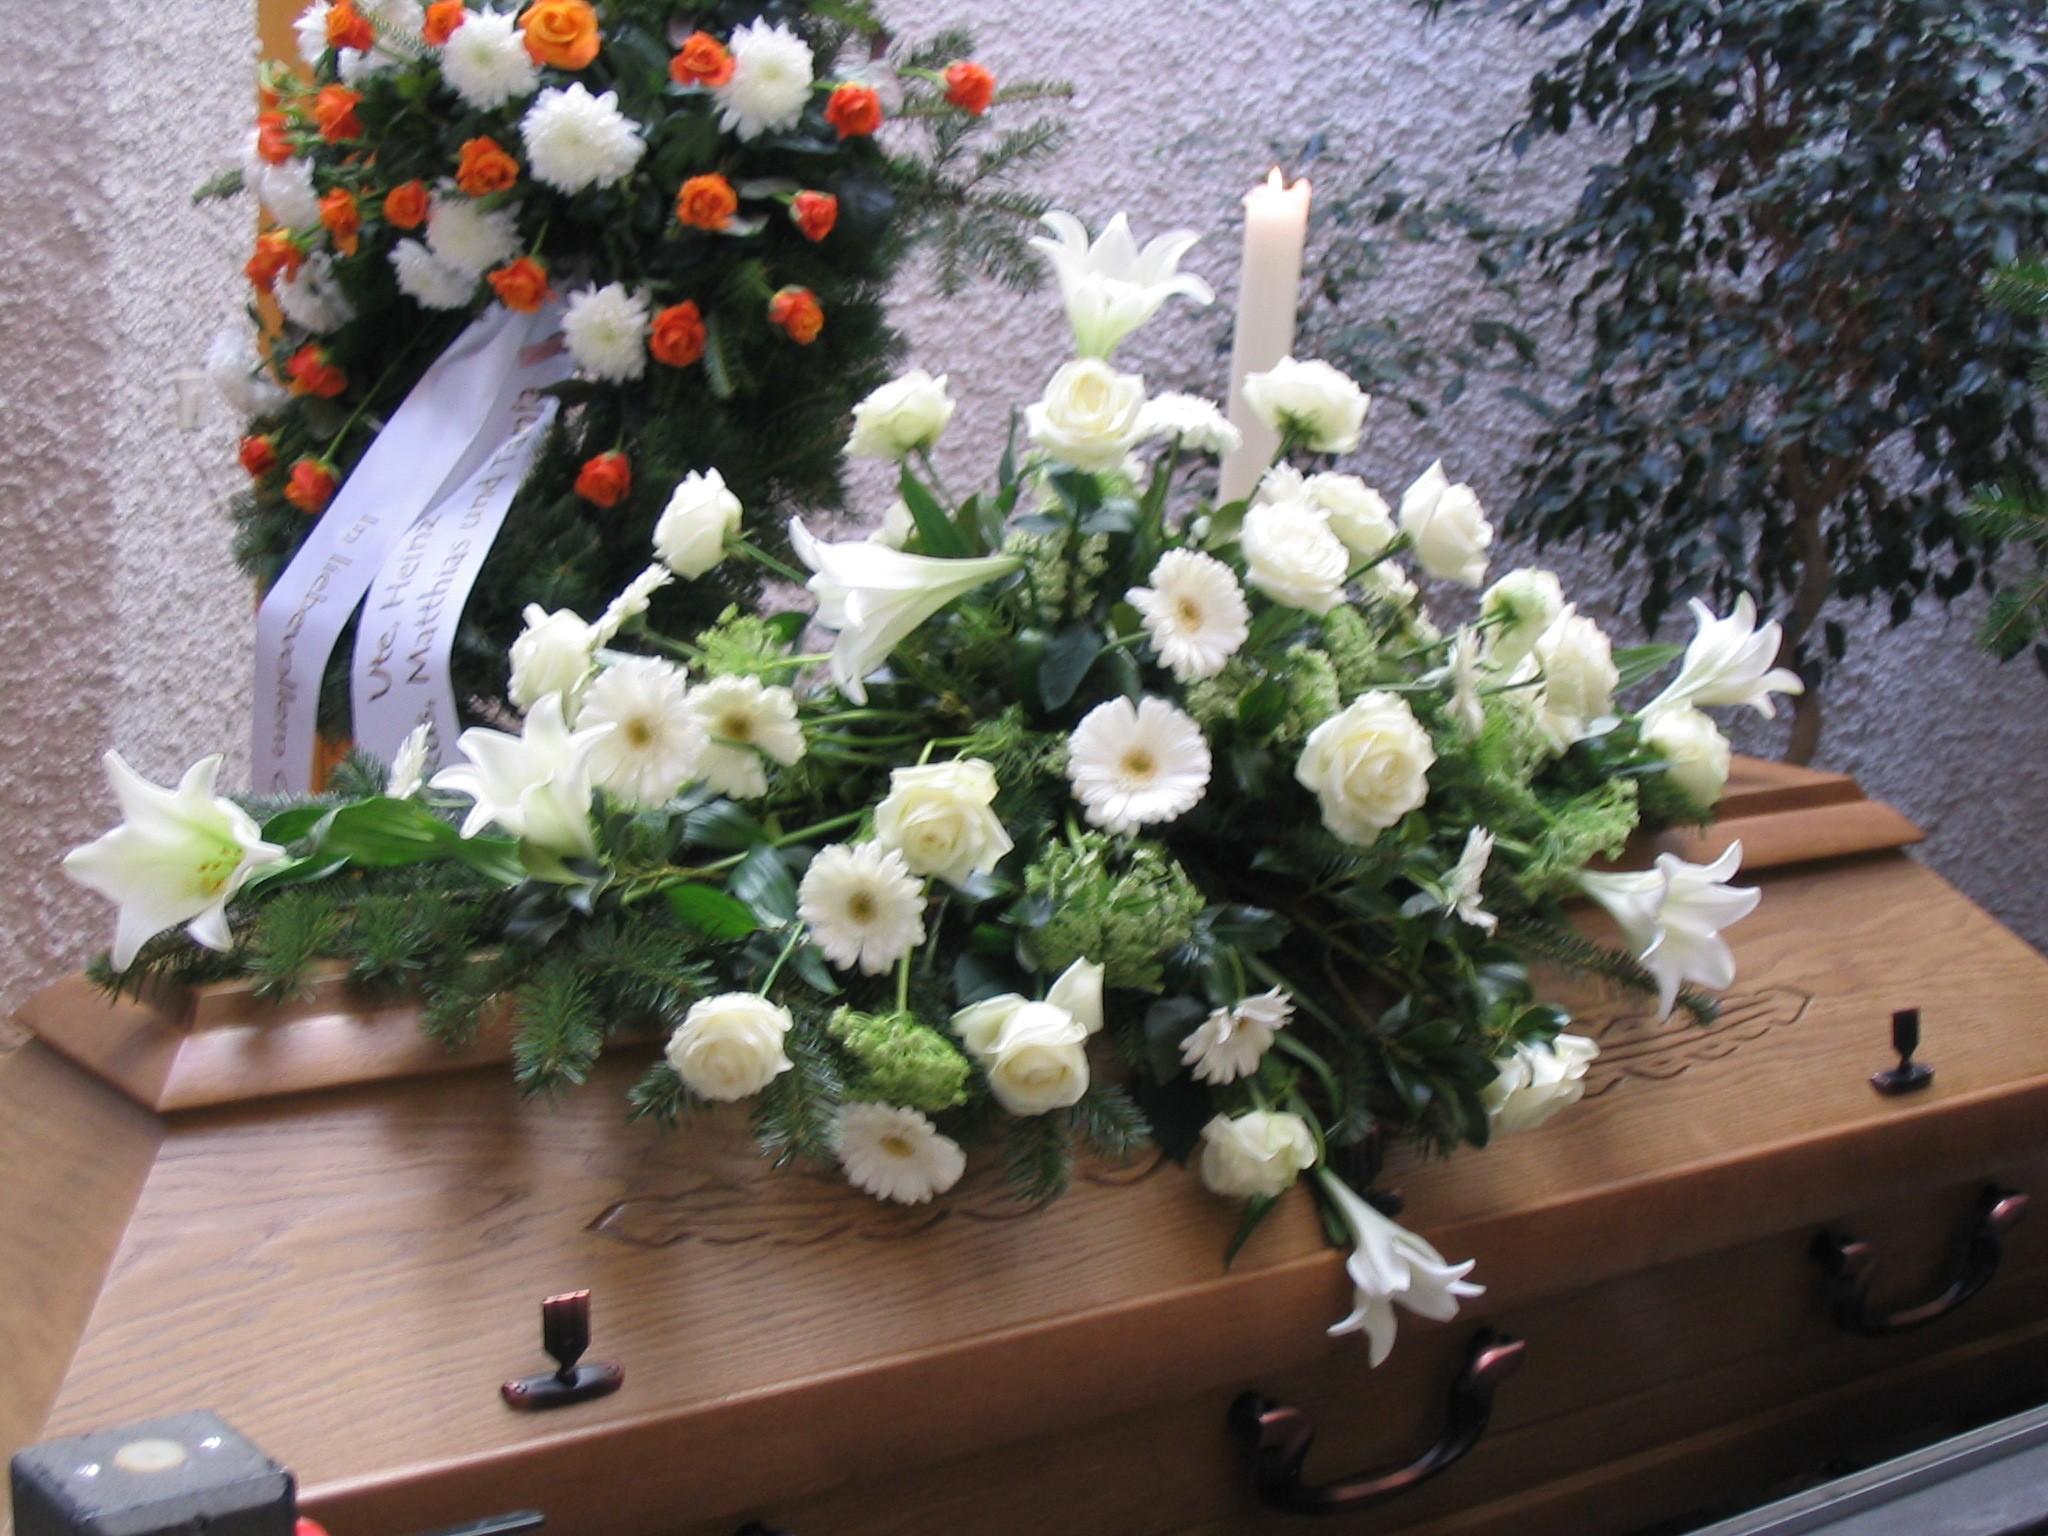 Sargbukett weiße Lilien Bild 1